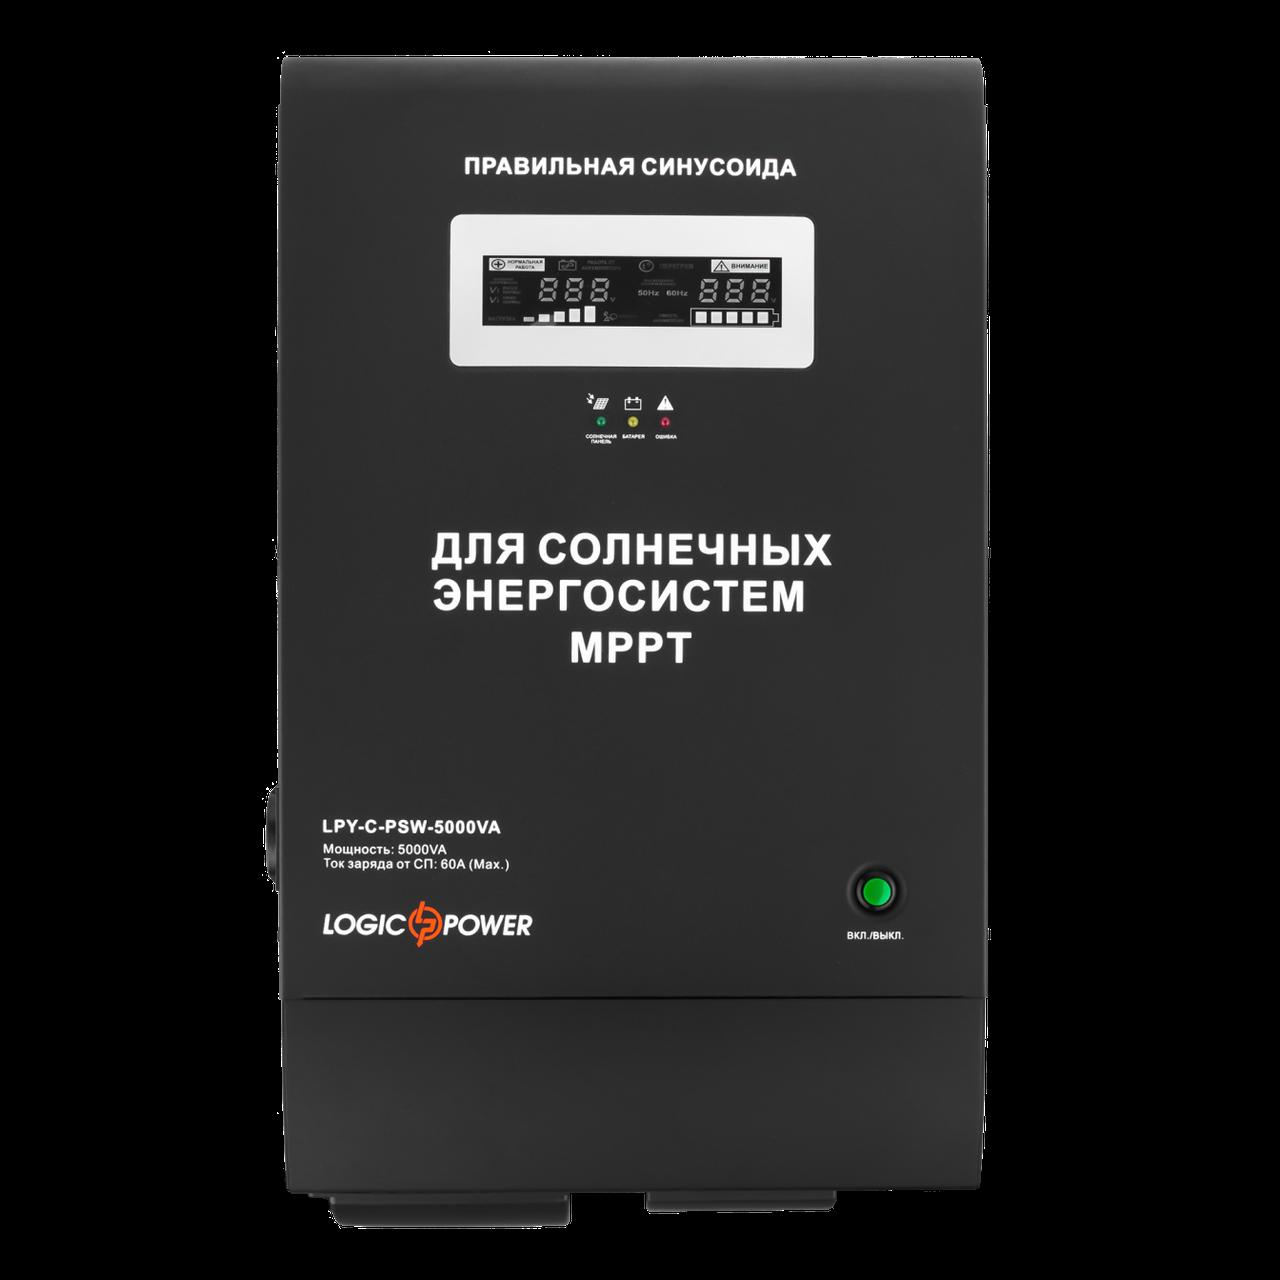 ДБЖ з правильною синусоидойLogicPower LPY-З-PSW-5000 VA (3500W) MPPT 48 V для котлів і аварійного освітлення